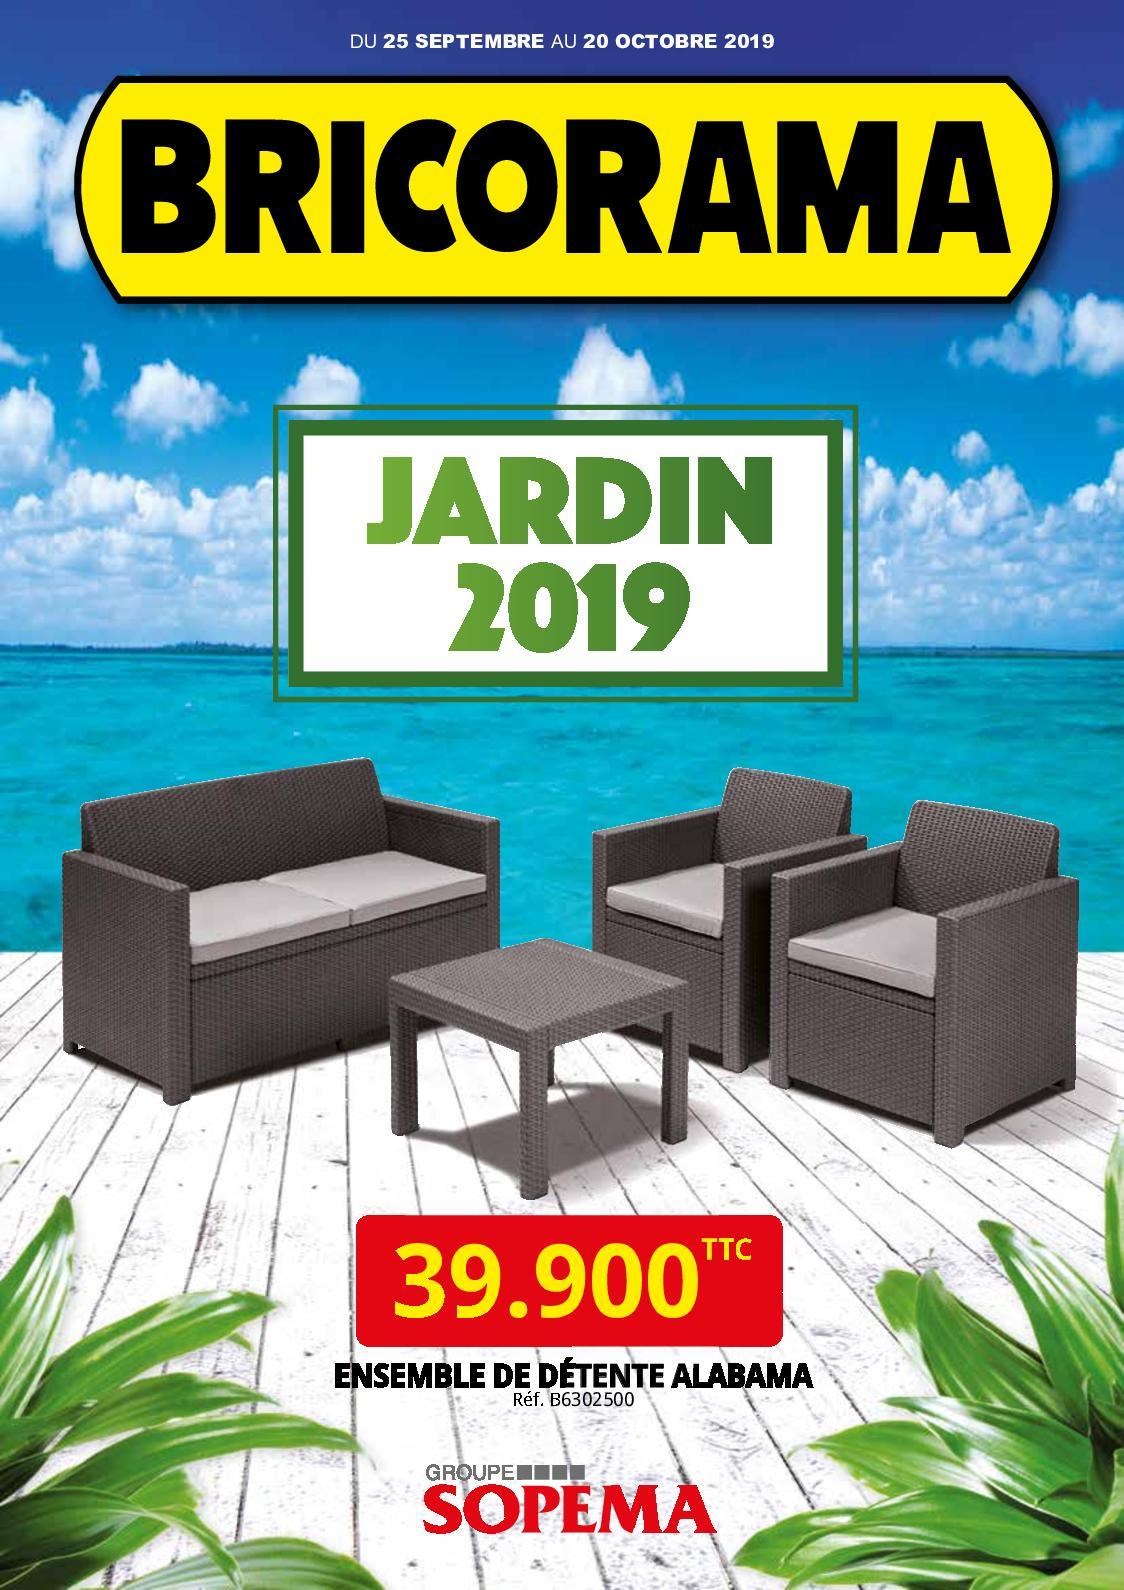 Calaméo - Bricorama Catalogue Jardin 2019 dedans Serre De Jardin Bricorama